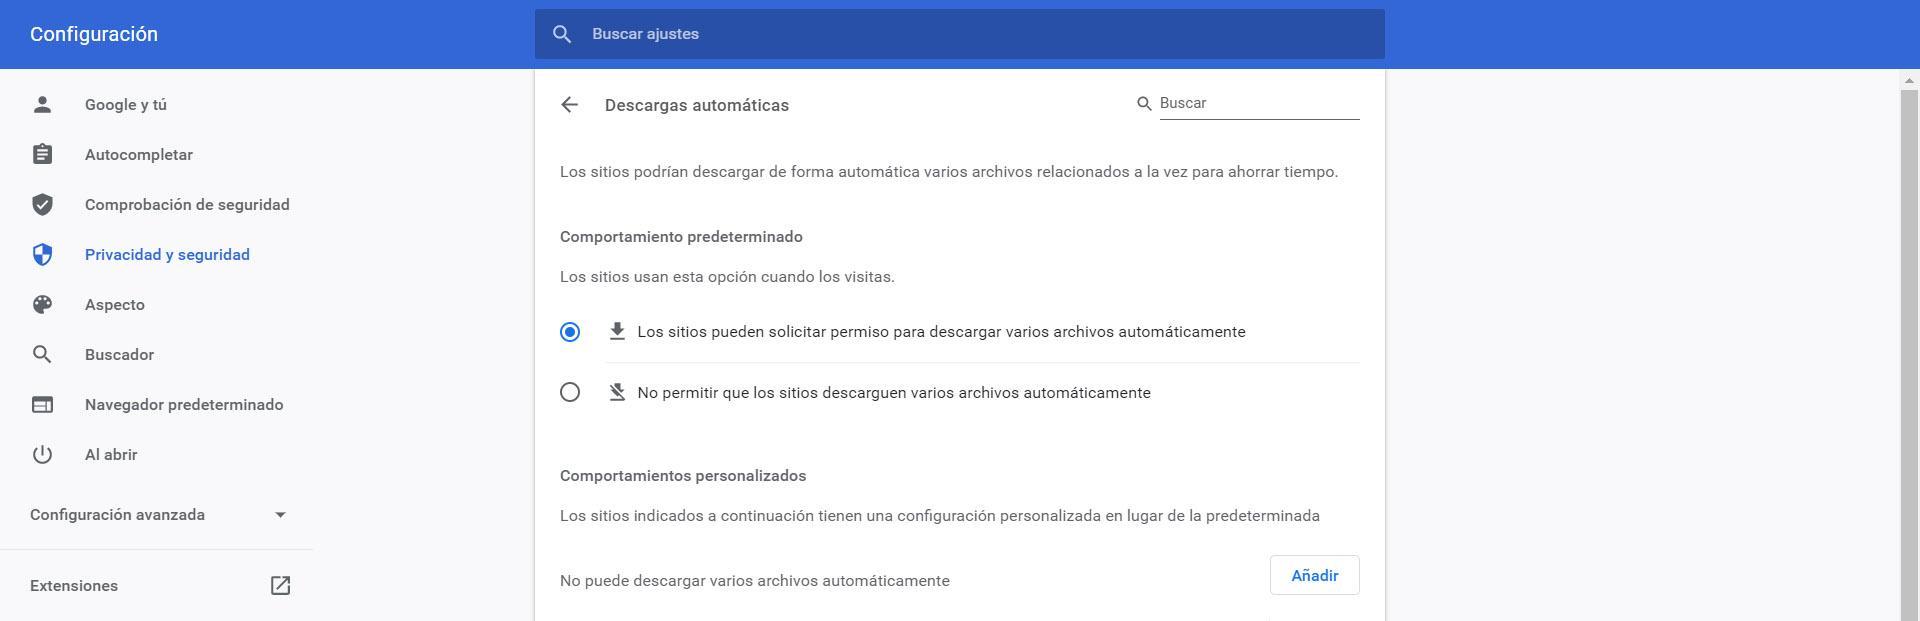 Evitar problemas con Google Docs